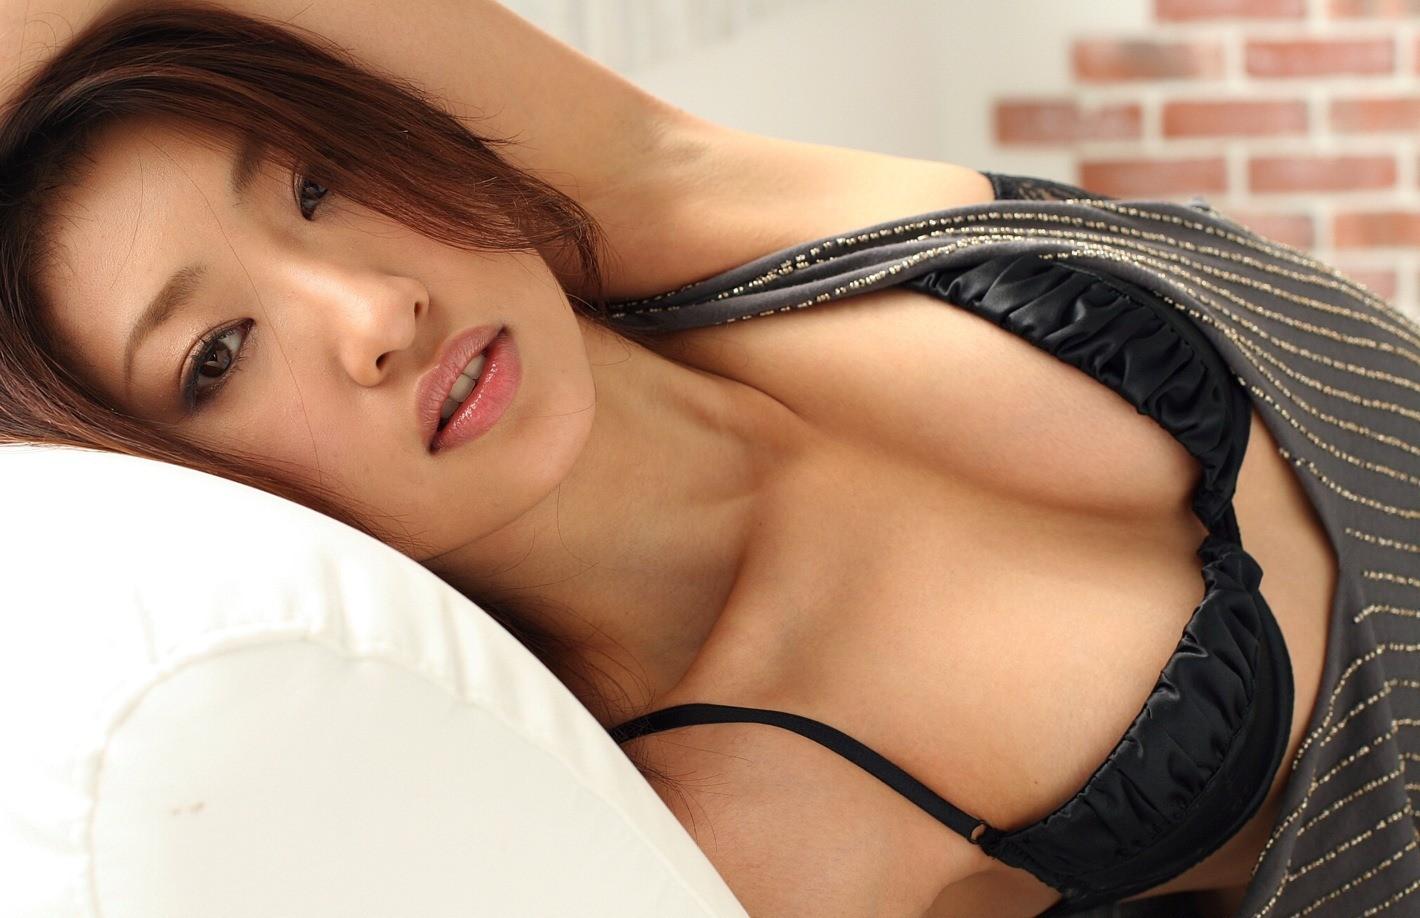 【腋フェチエロ画像】今ならもれなく強い汗の味!女の舐めたい腋の下に接近www 28